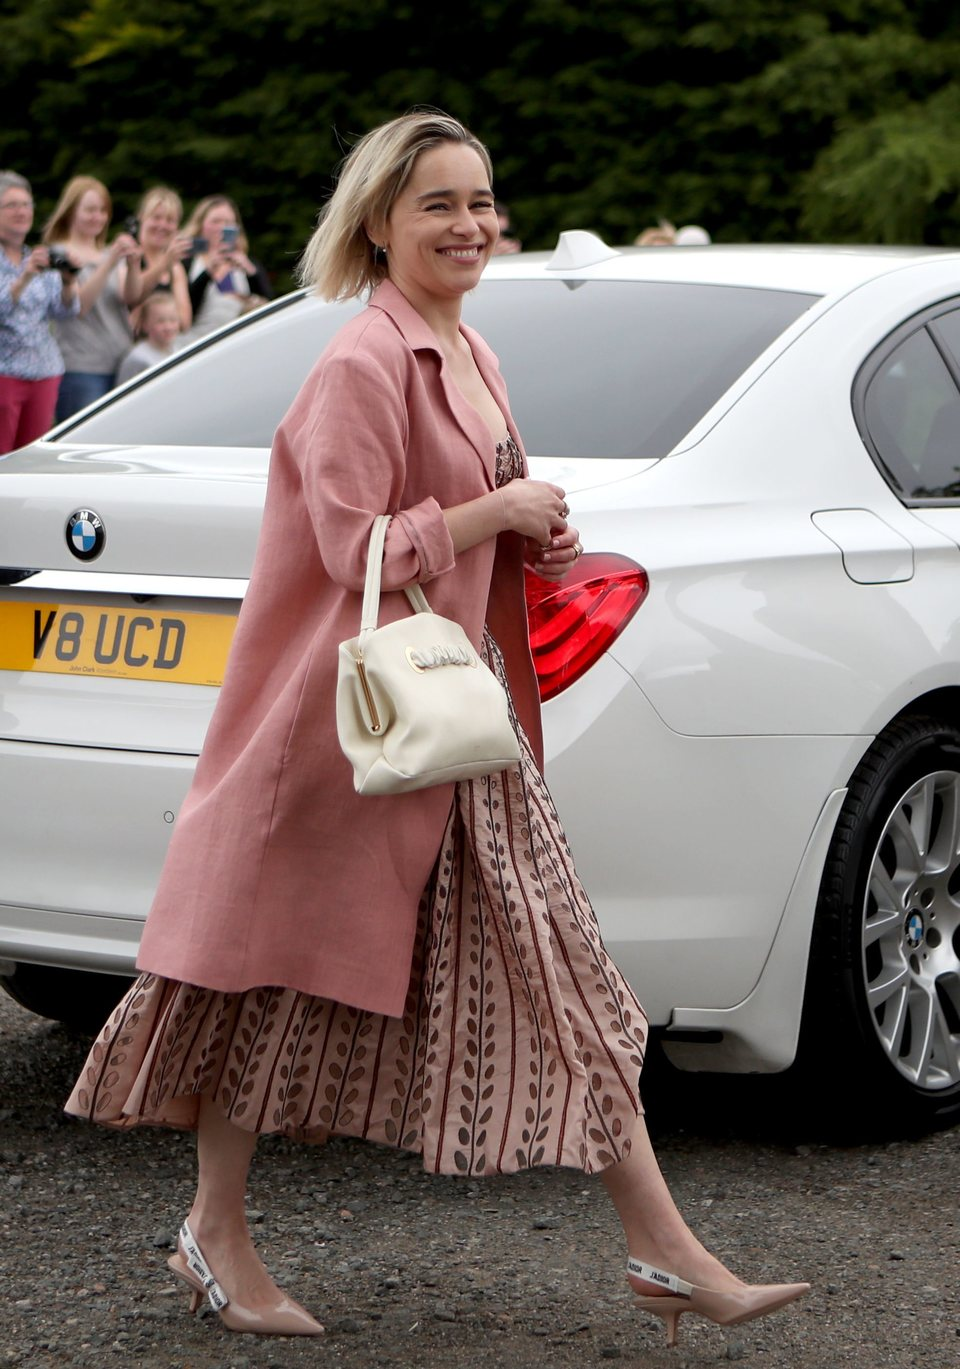 La actriz Emilia Clarke llega a la boda de Kit Harington y Rose Leslie